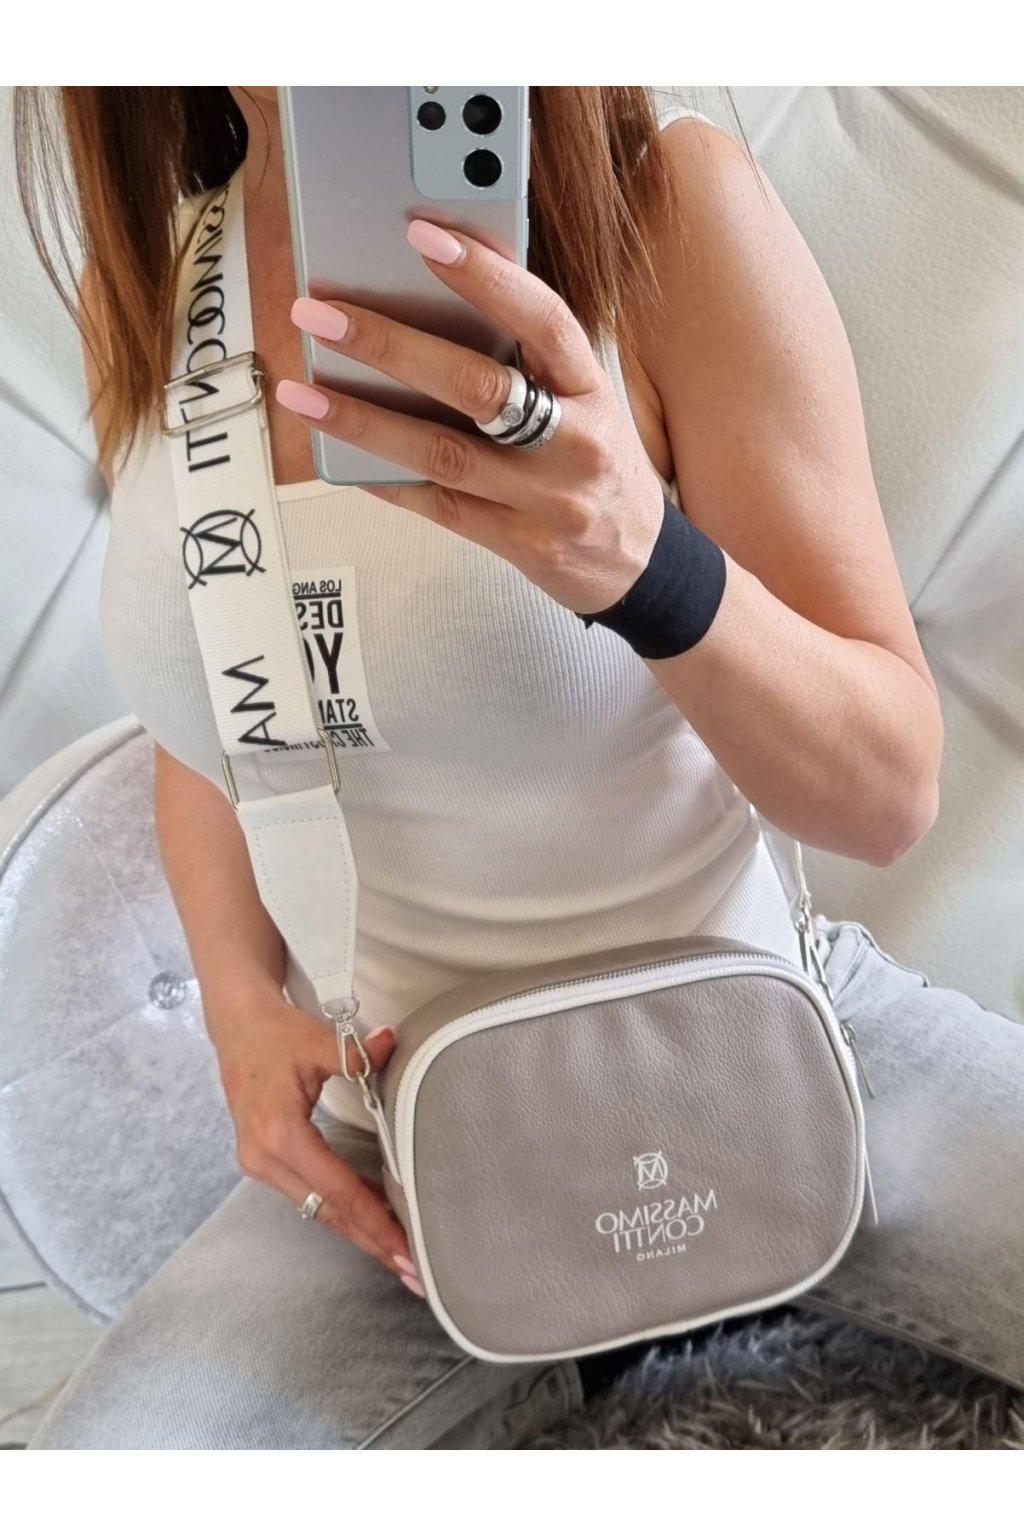 massimo contti crossbody šedá italy fashion luxusní značková kabelka